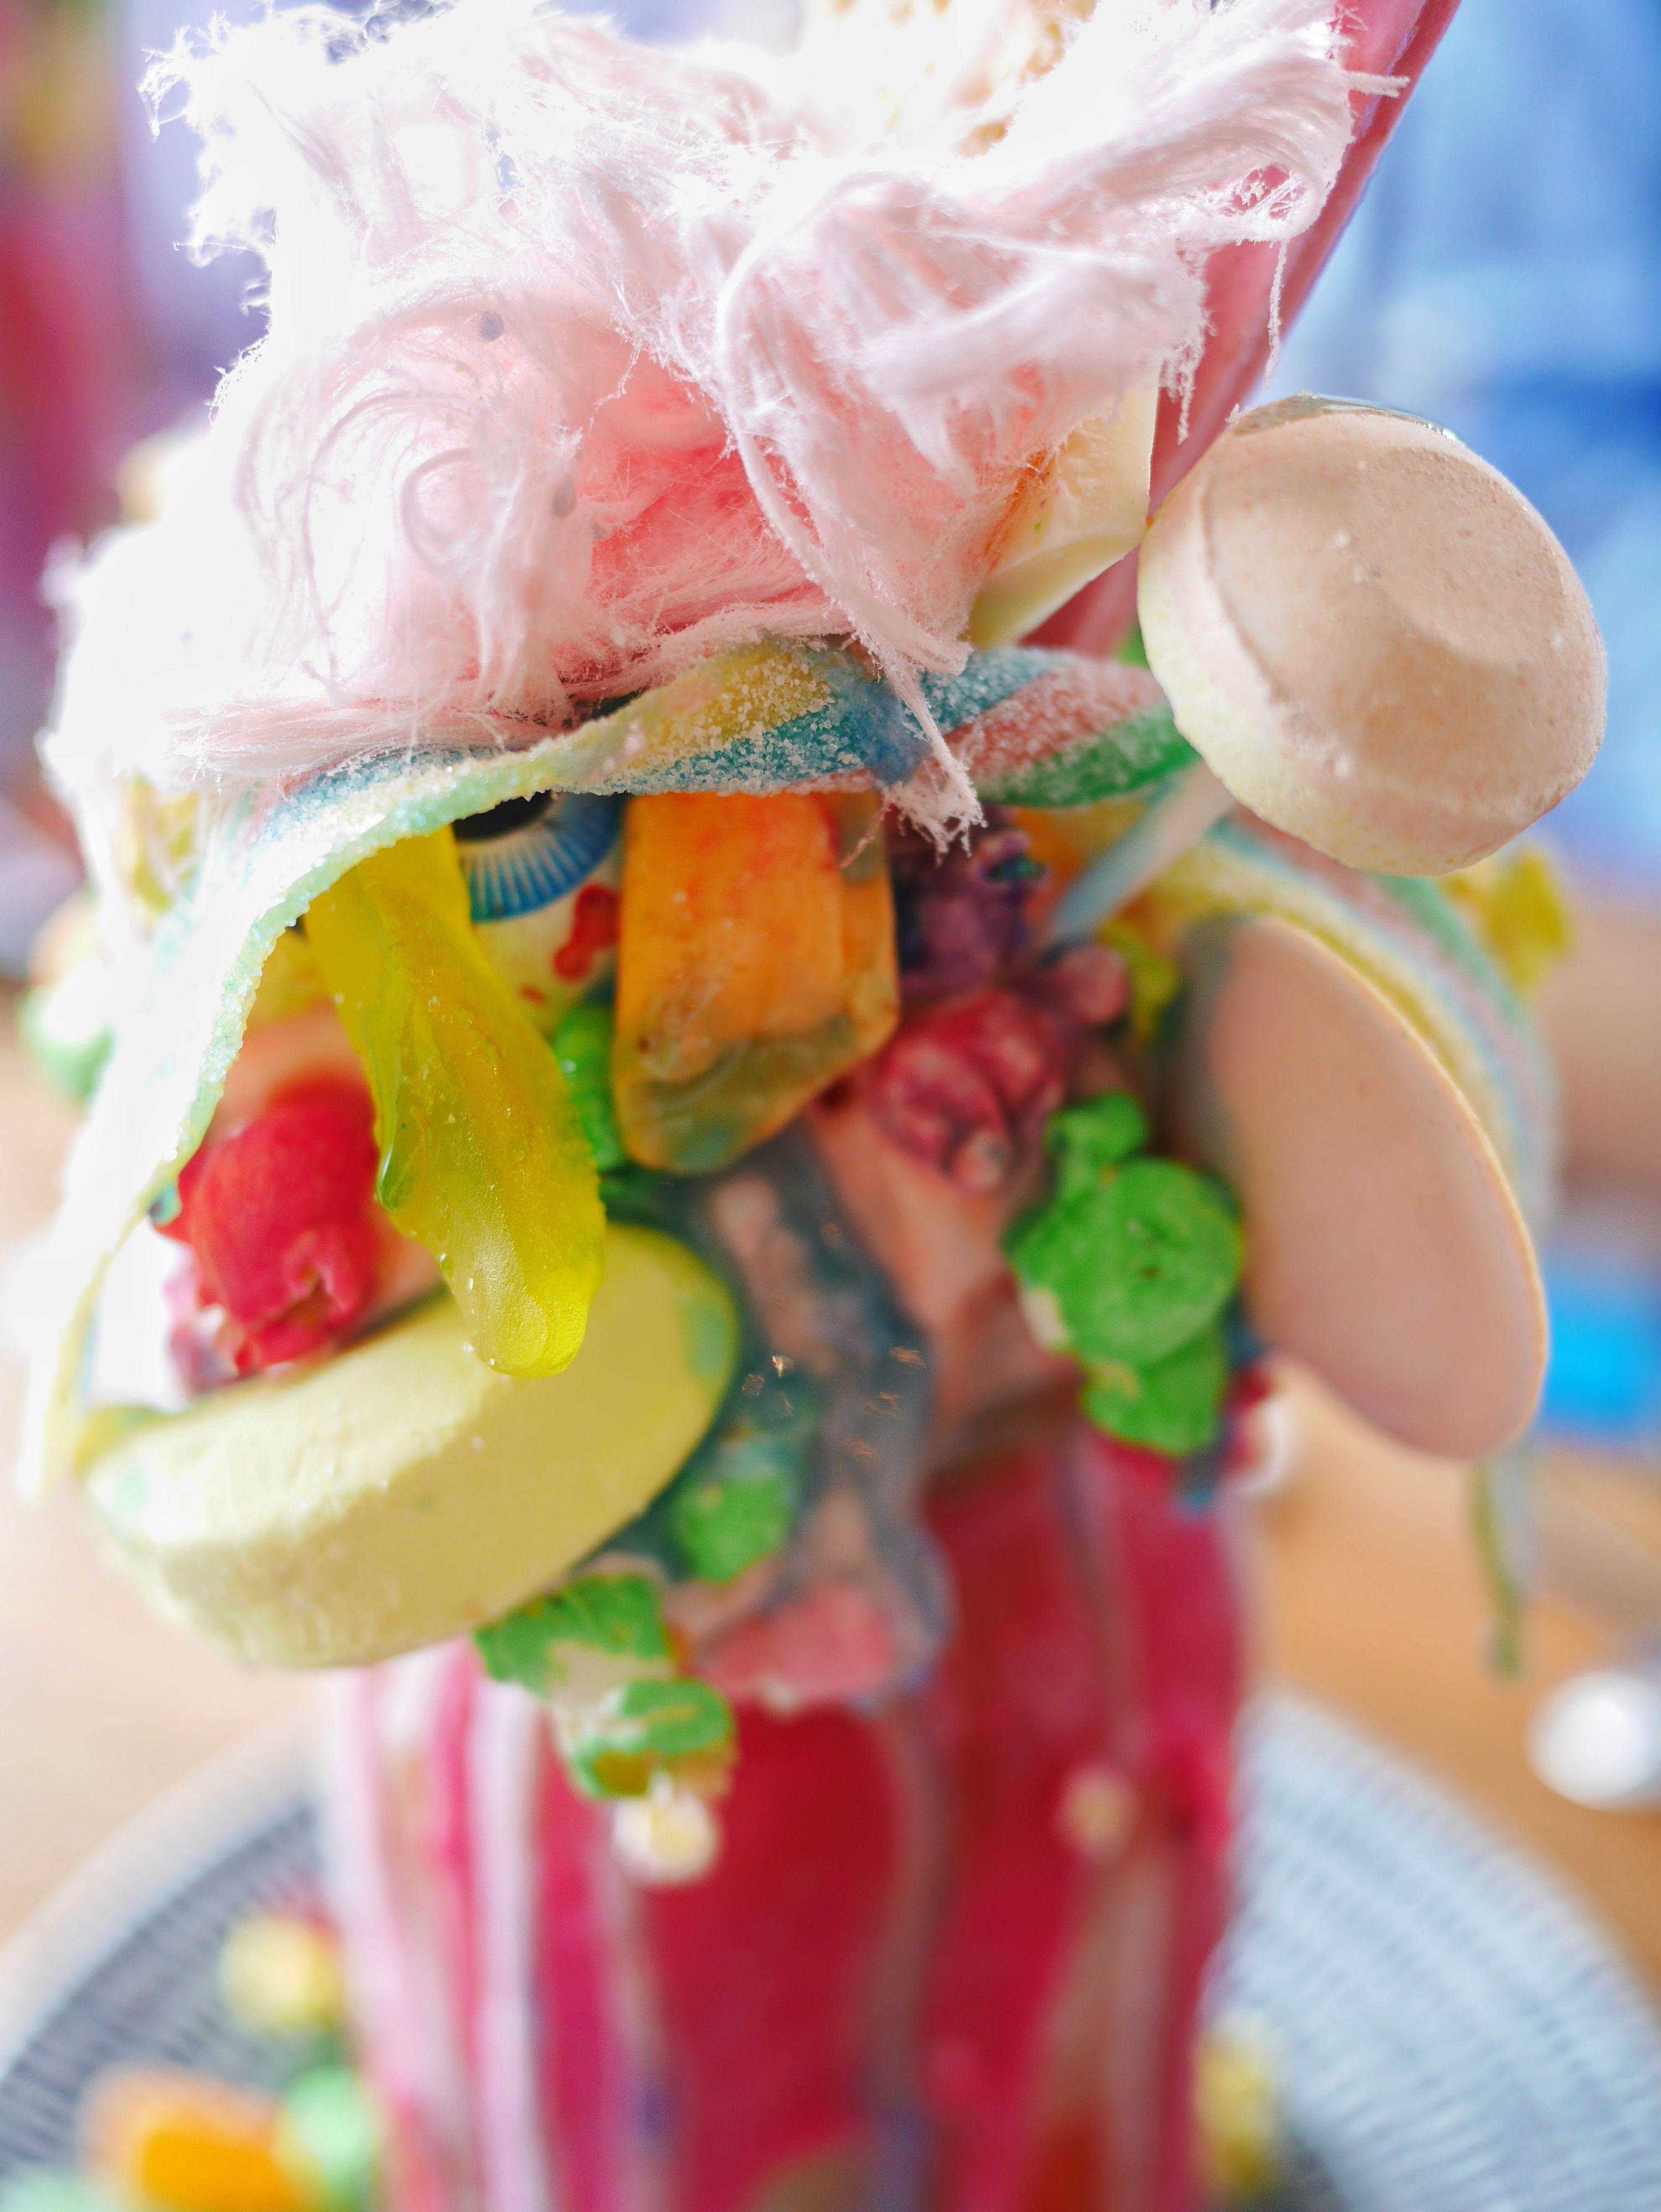 Sugar Buns Candyland freakshake - Melbourne's best freakshakes thesweetwanderlust.com